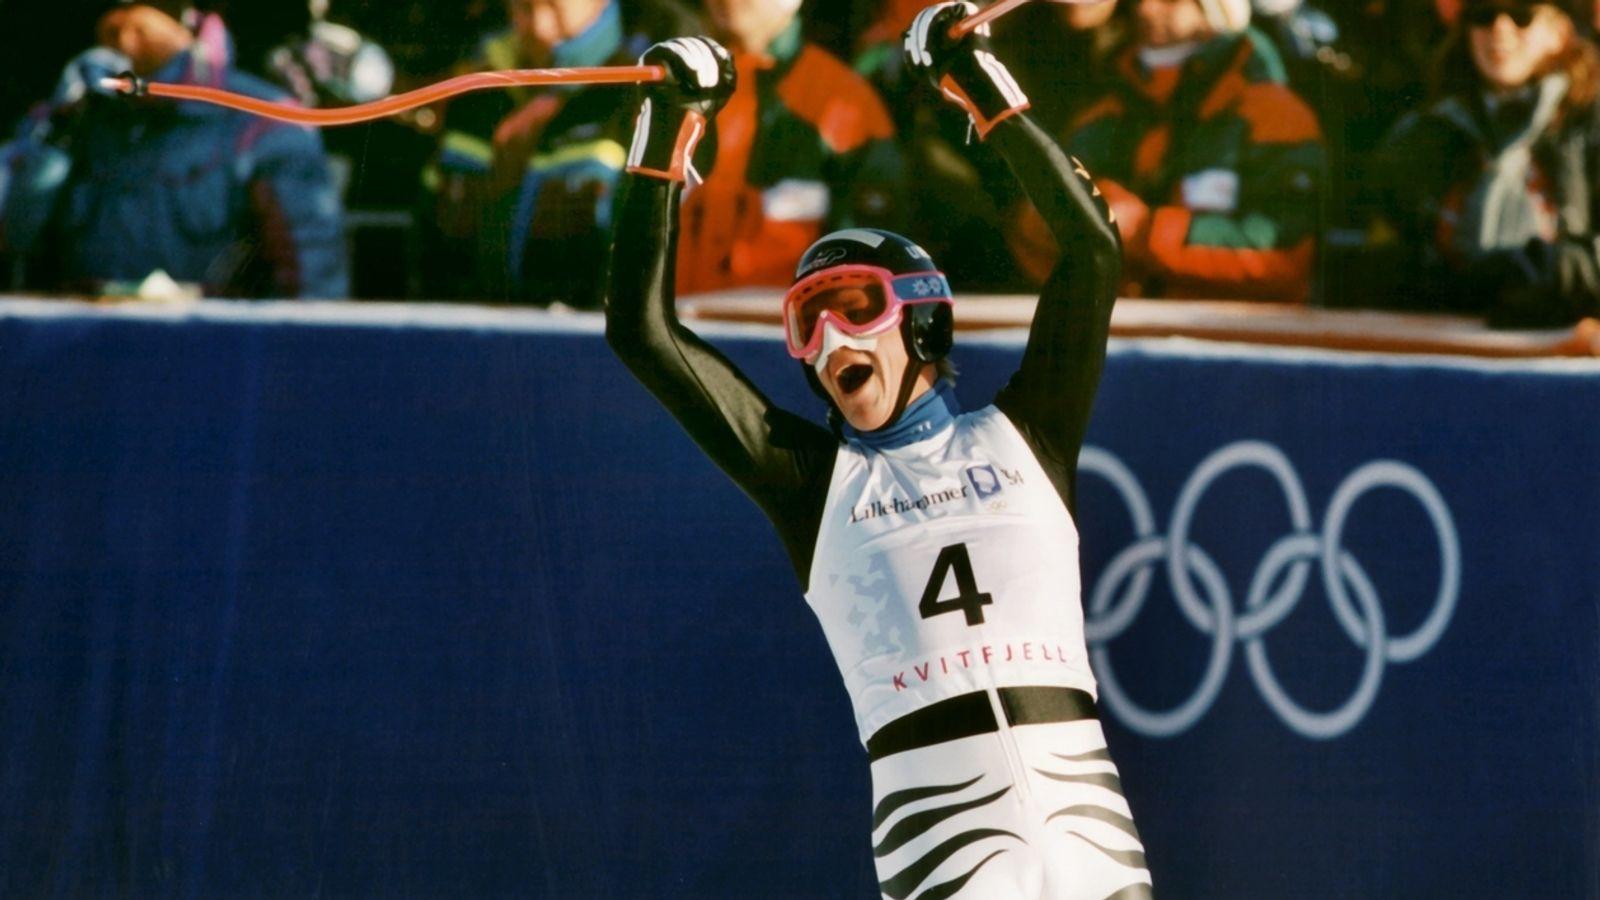 Vor 26 Jahren: Wasmeier gewinnt erstes Olympisches Gold